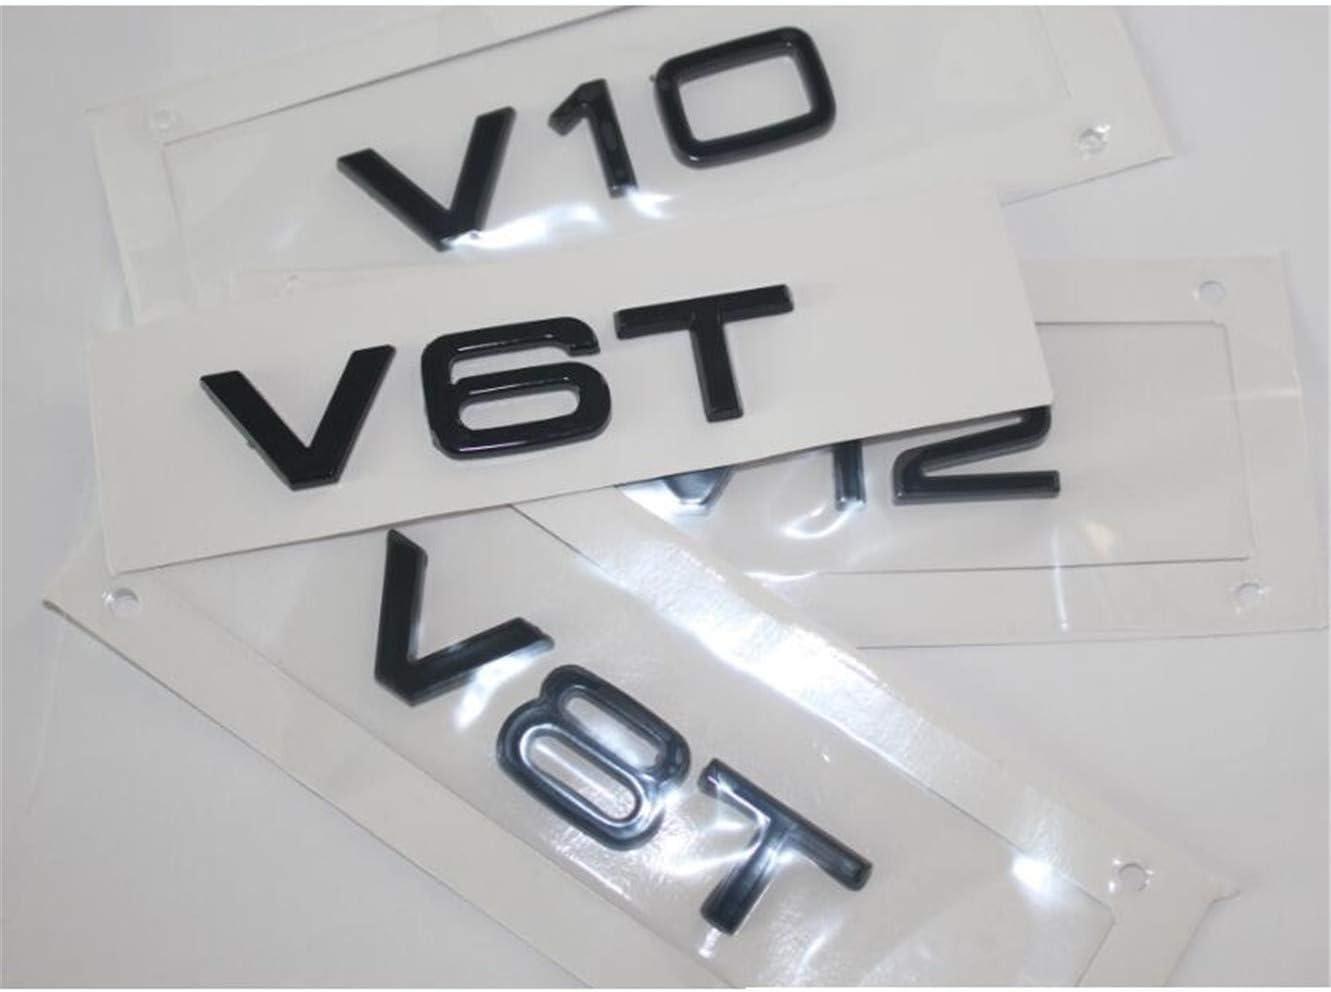 Glanz Schwarz Buchstaben V6 T V 8 t V 10 watt 12 Fender Abzeichen Embleme Emblem V10-2pcs